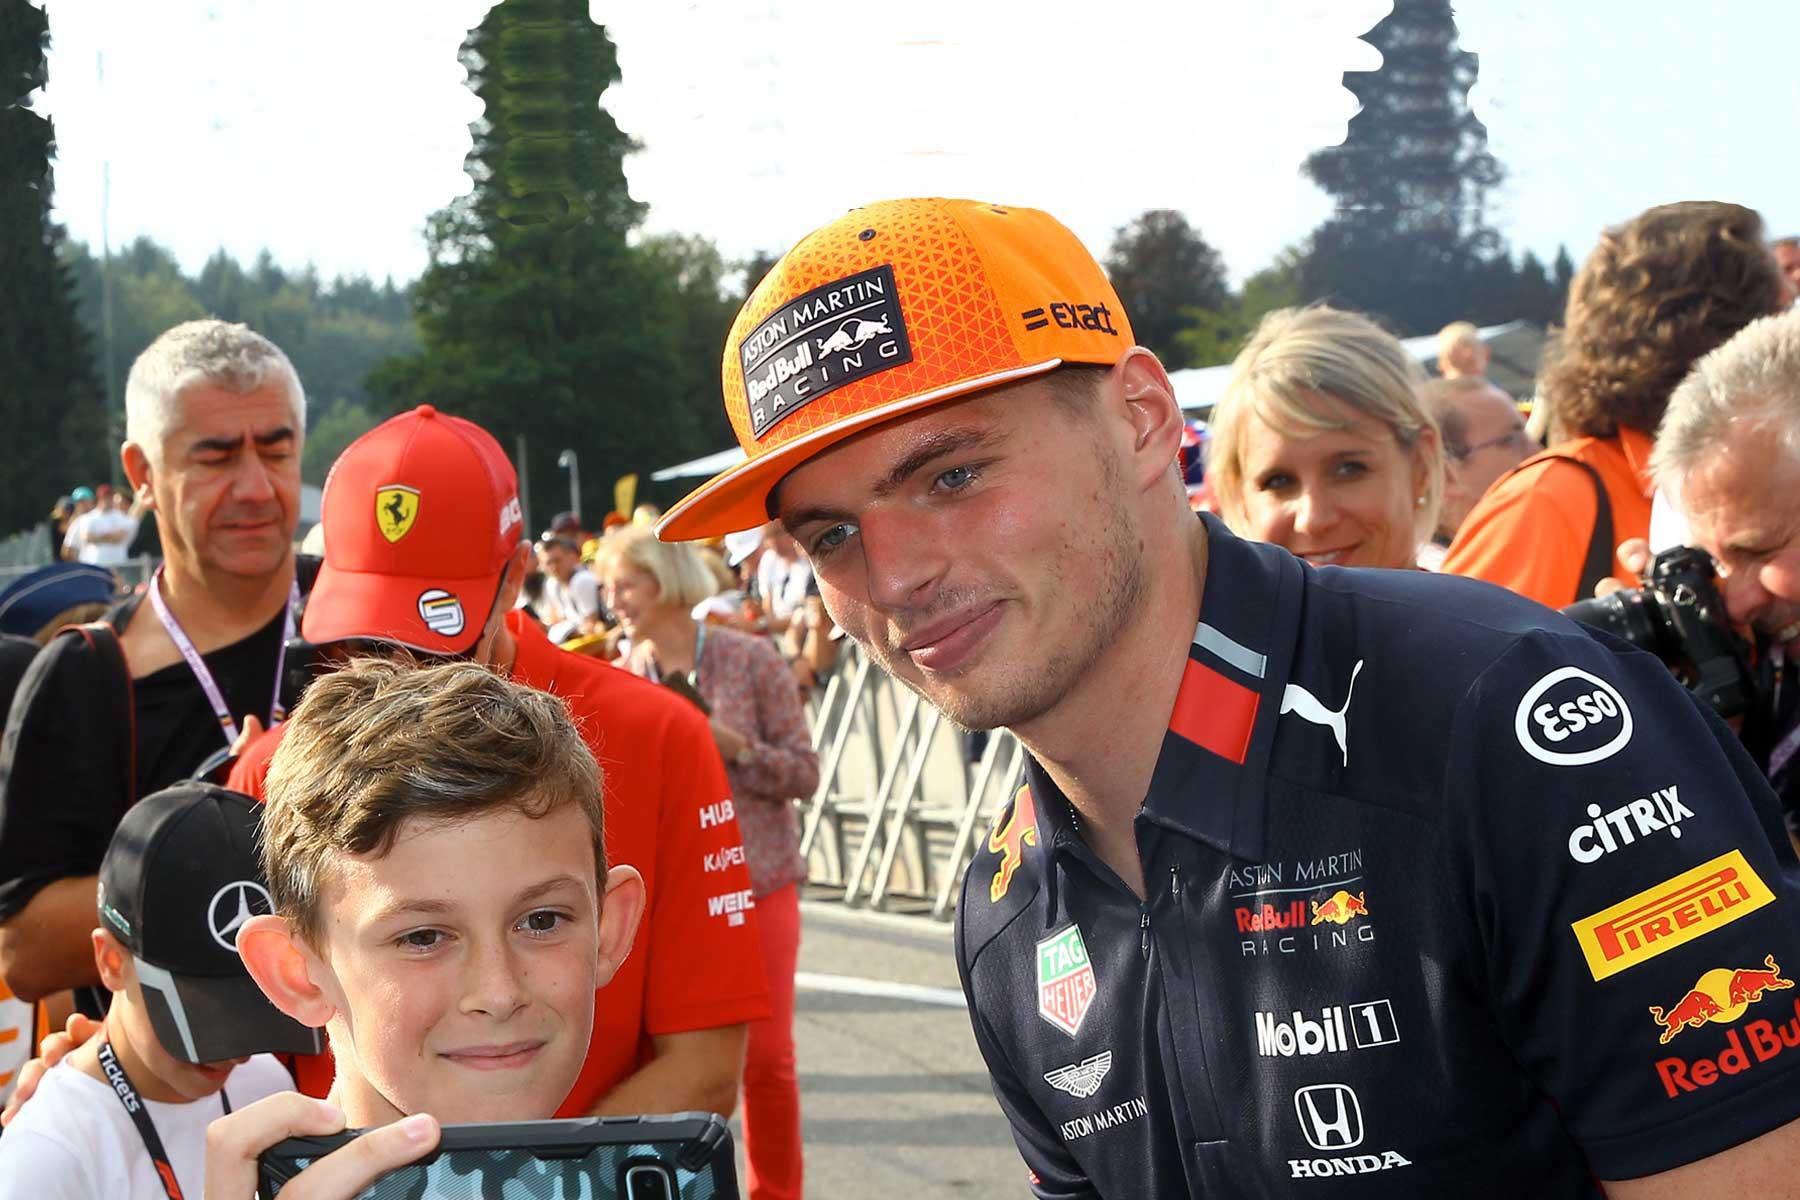 Hollands Grand Prix